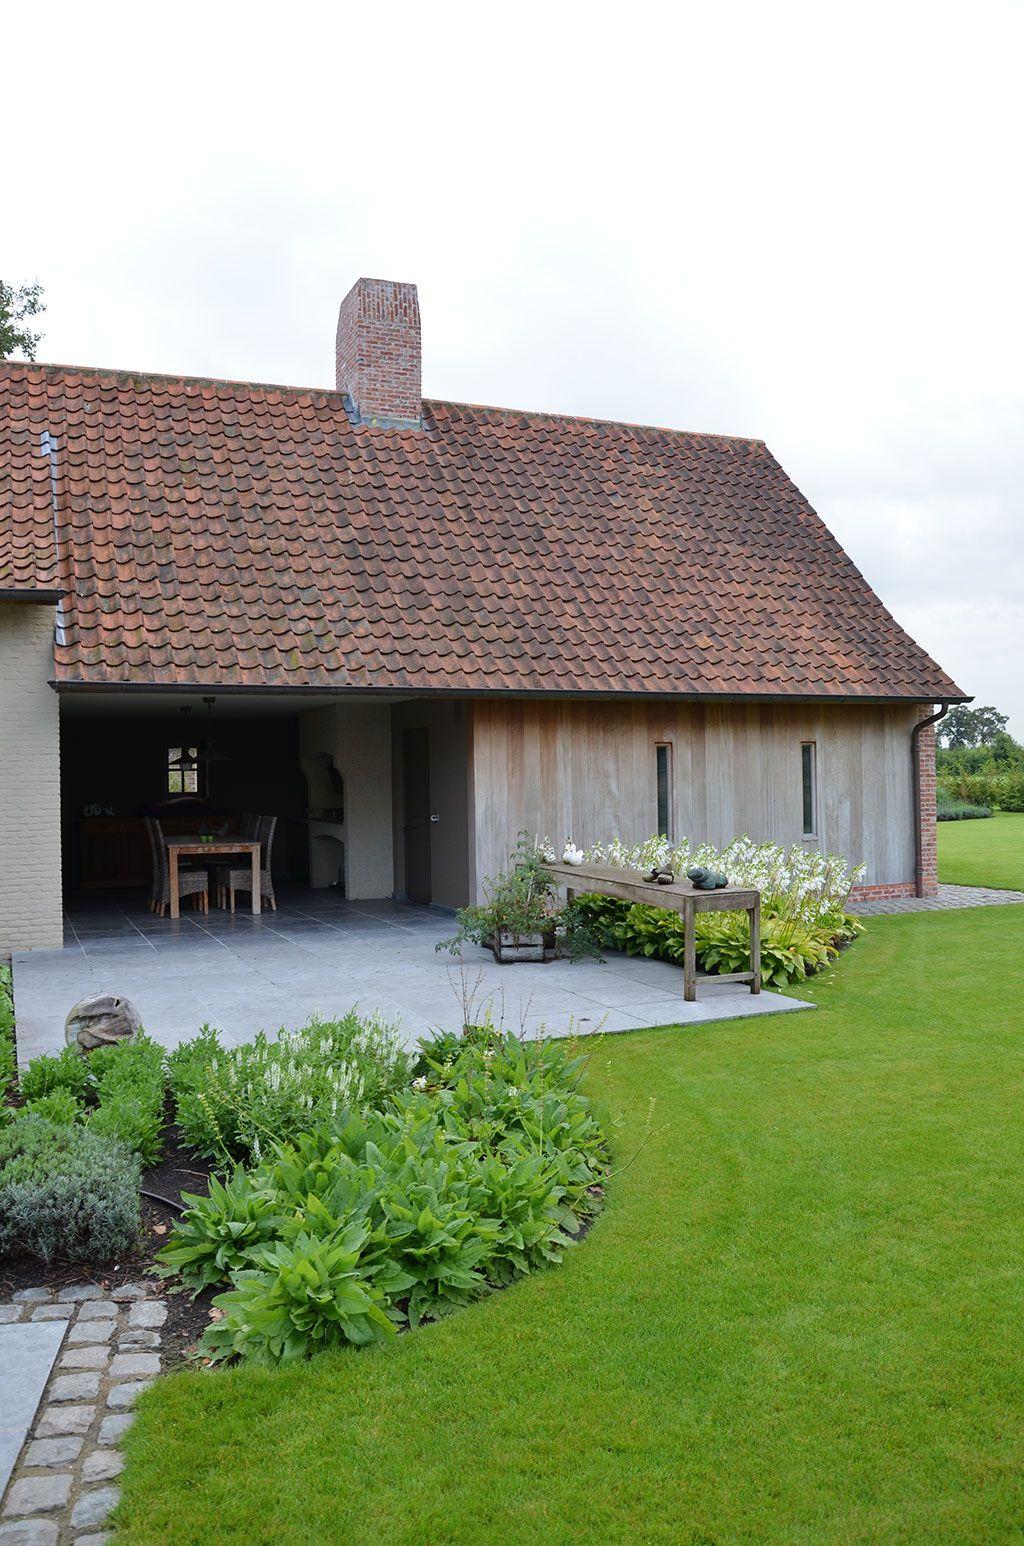 Dries Bonamie | Kempische en pastorijstijl | Pinterest | Gardens ...